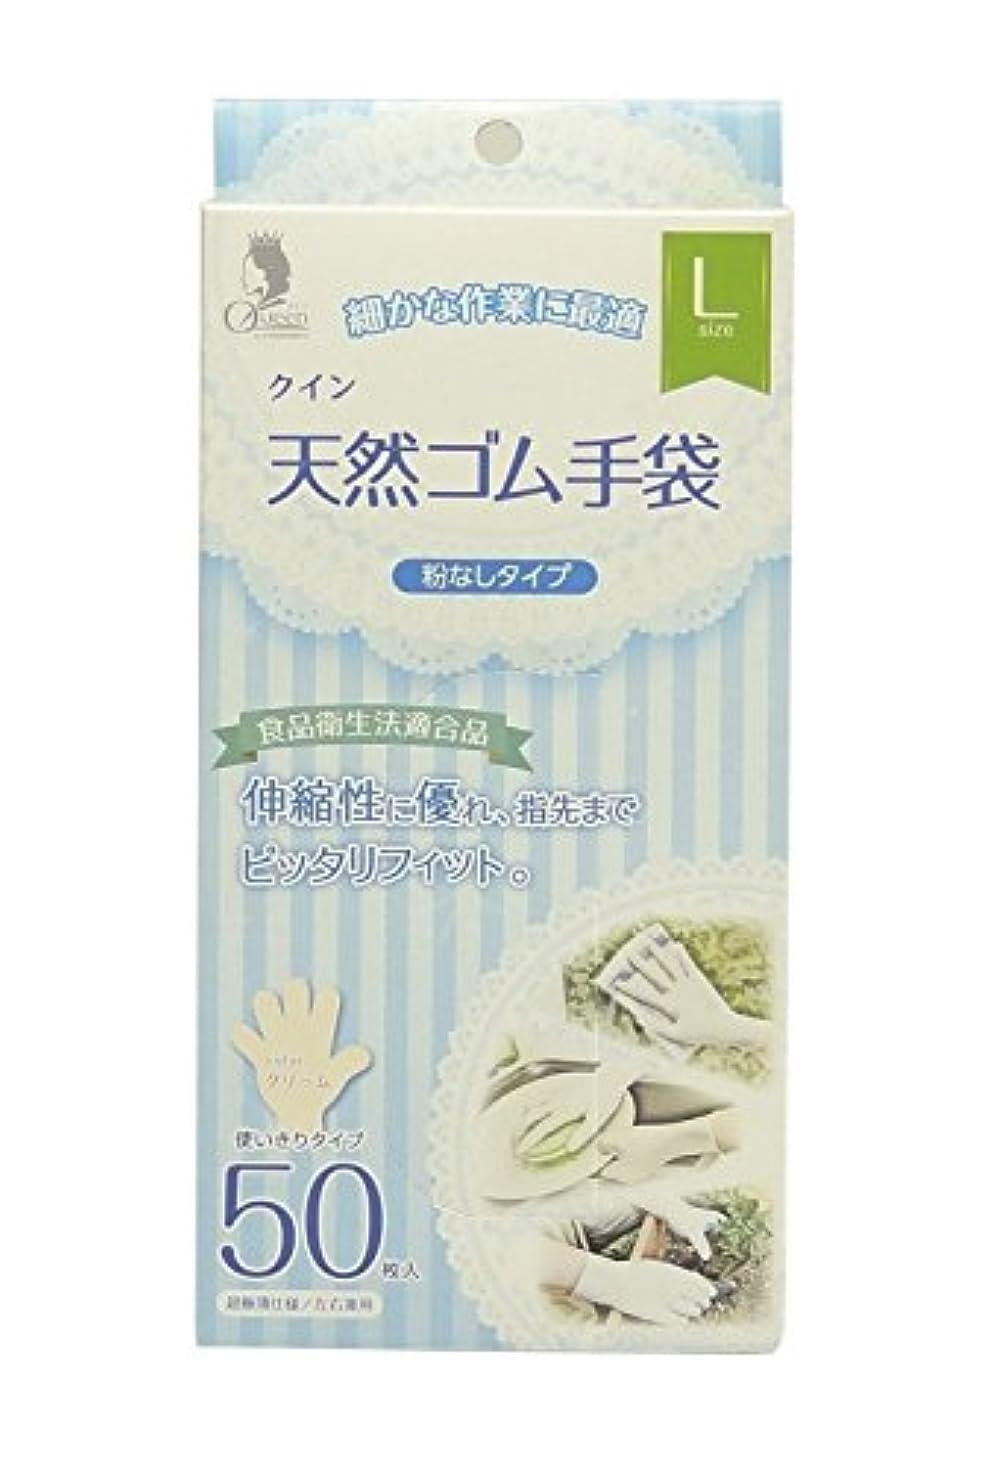 民主党爆発物場合宇都宮製作 クイン 天然ゴム手袋(パウダーフリー) L 50枚